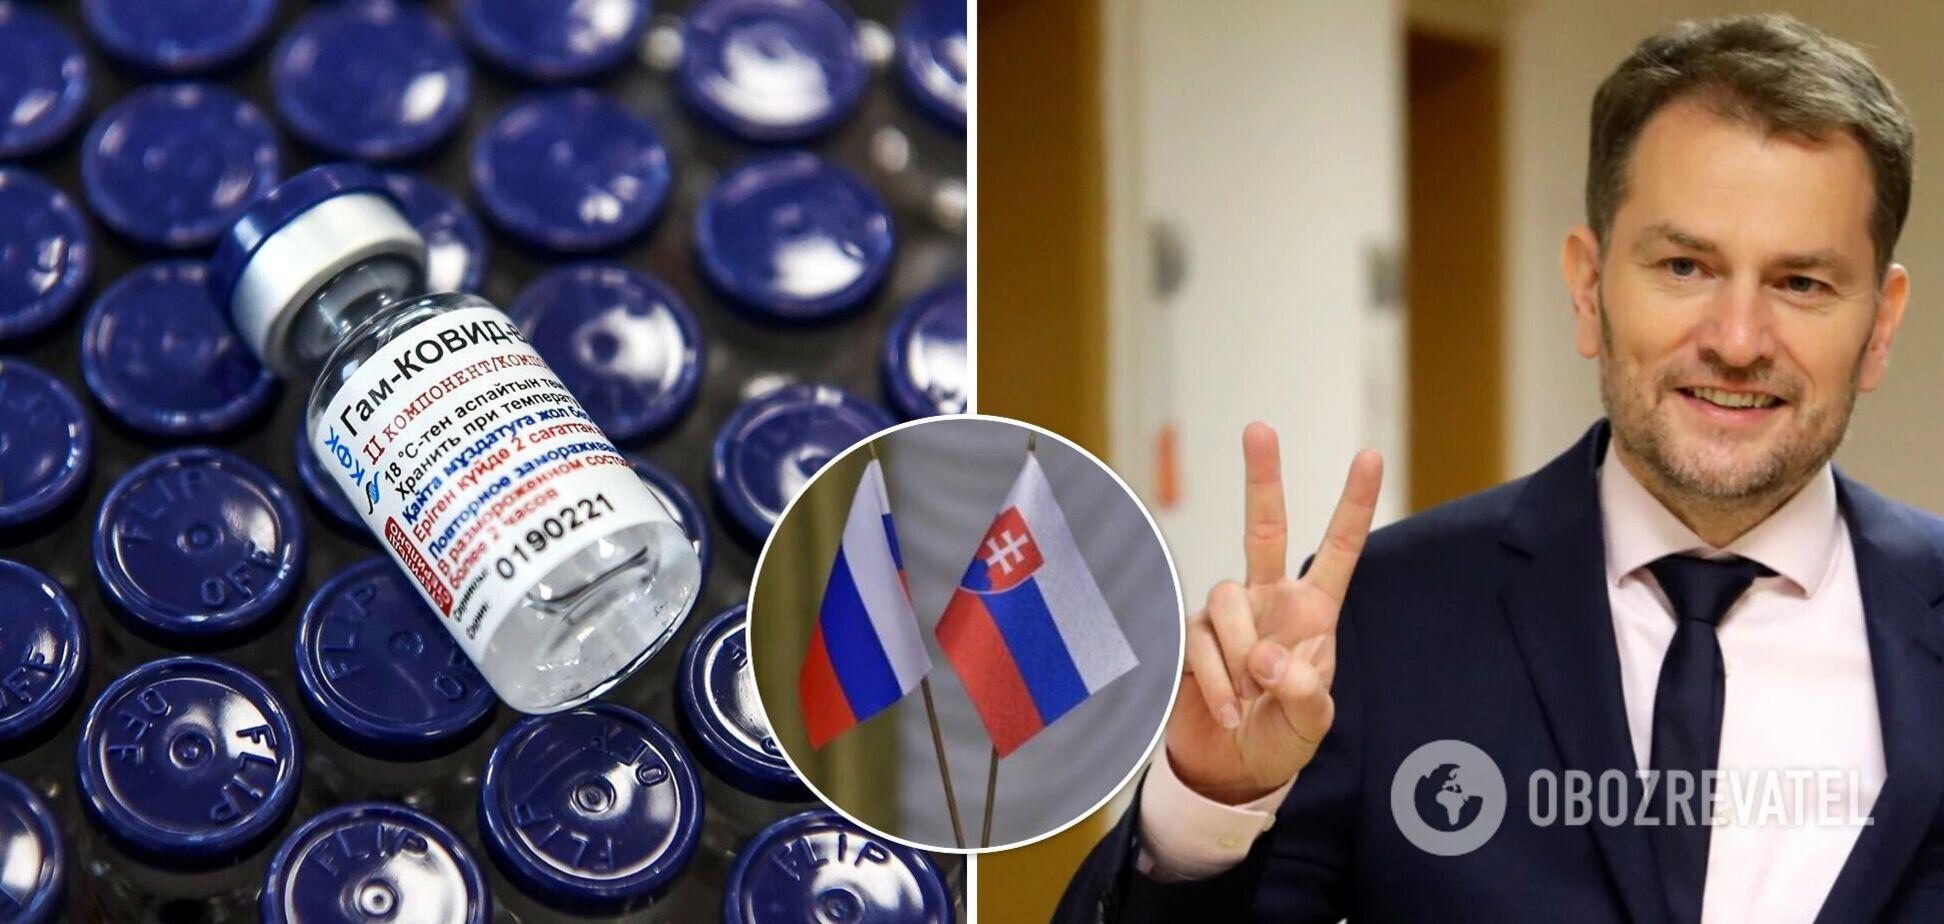 У Словаччині виникла політична криза через вакцину 'Супутник V': у відставку подали шість міністрів